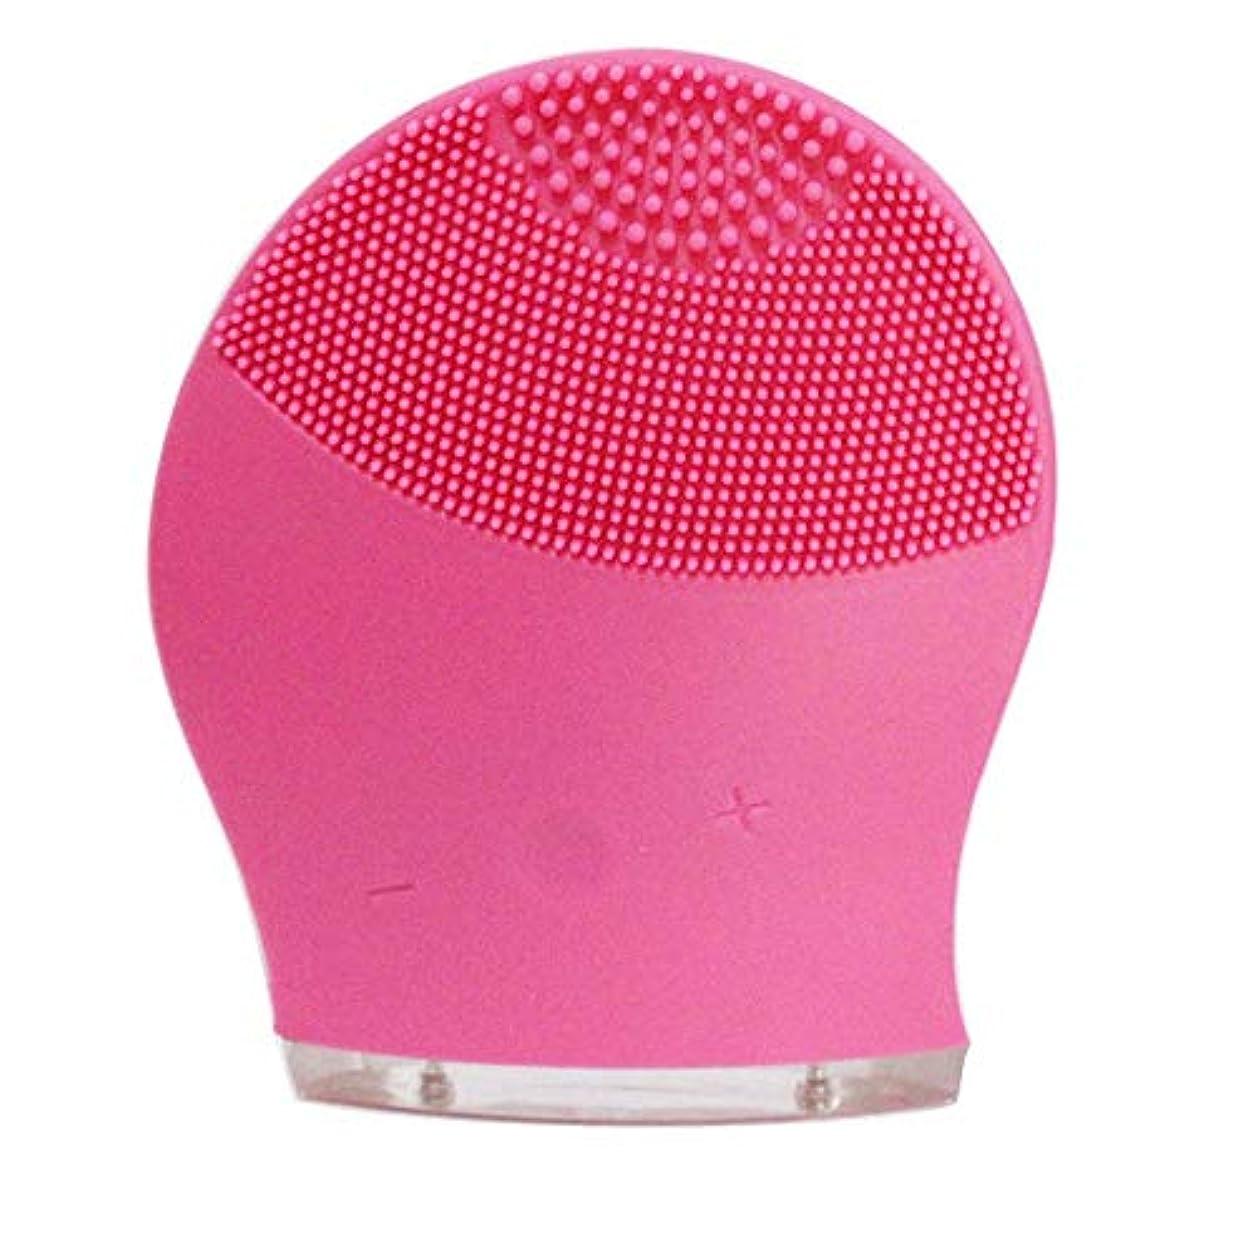 ミット行き当たりばったりバーチャルZXF 新電気洗浄器シリコーン洗浄器超音波振動洗浄ブラシUSB充電毛穴洗浄 滑らかである (色 : Red)